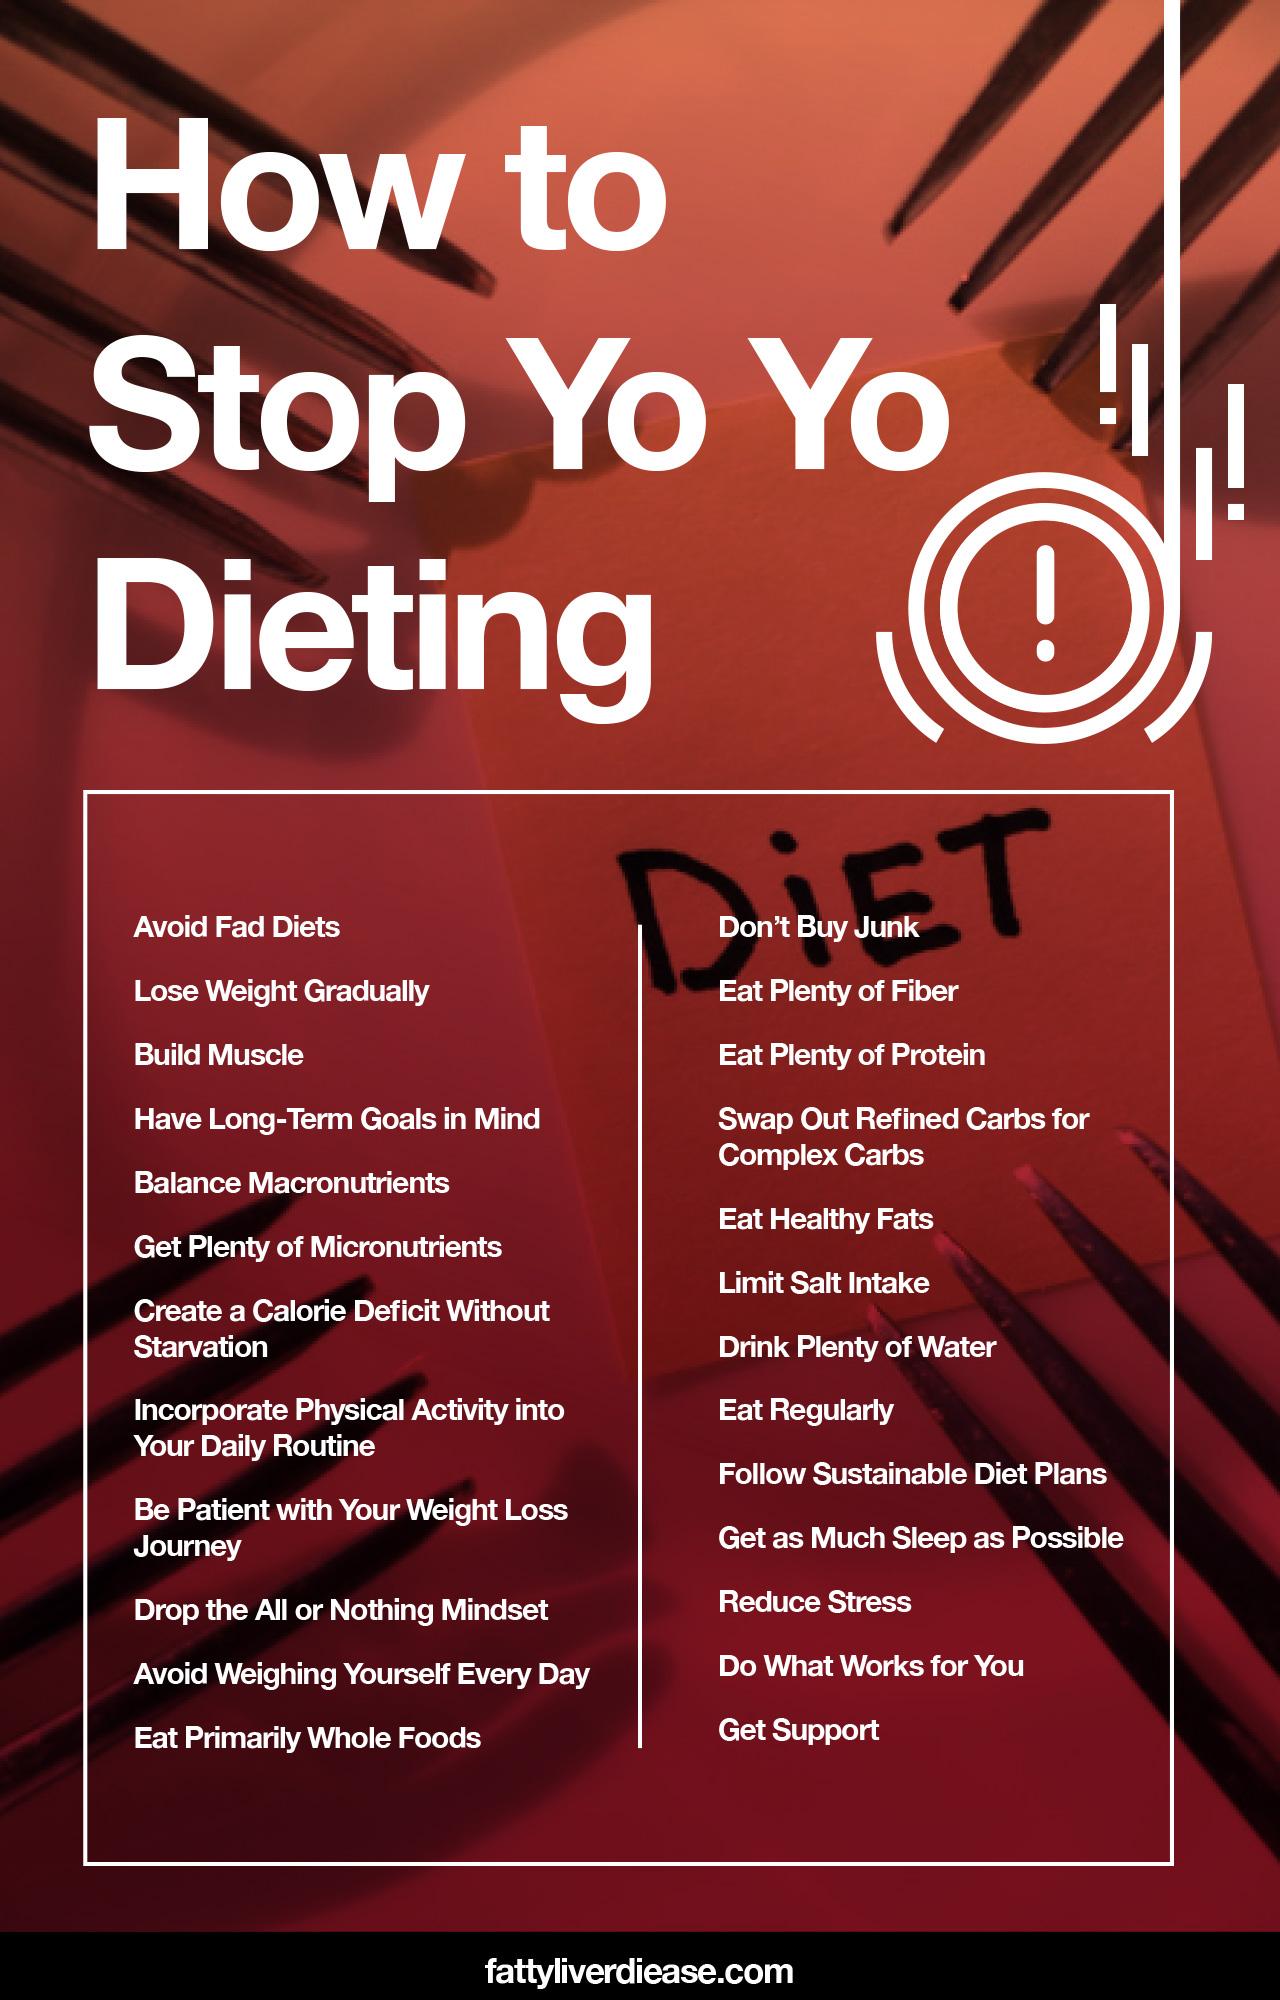 How to Stop Yo Yo Dieting